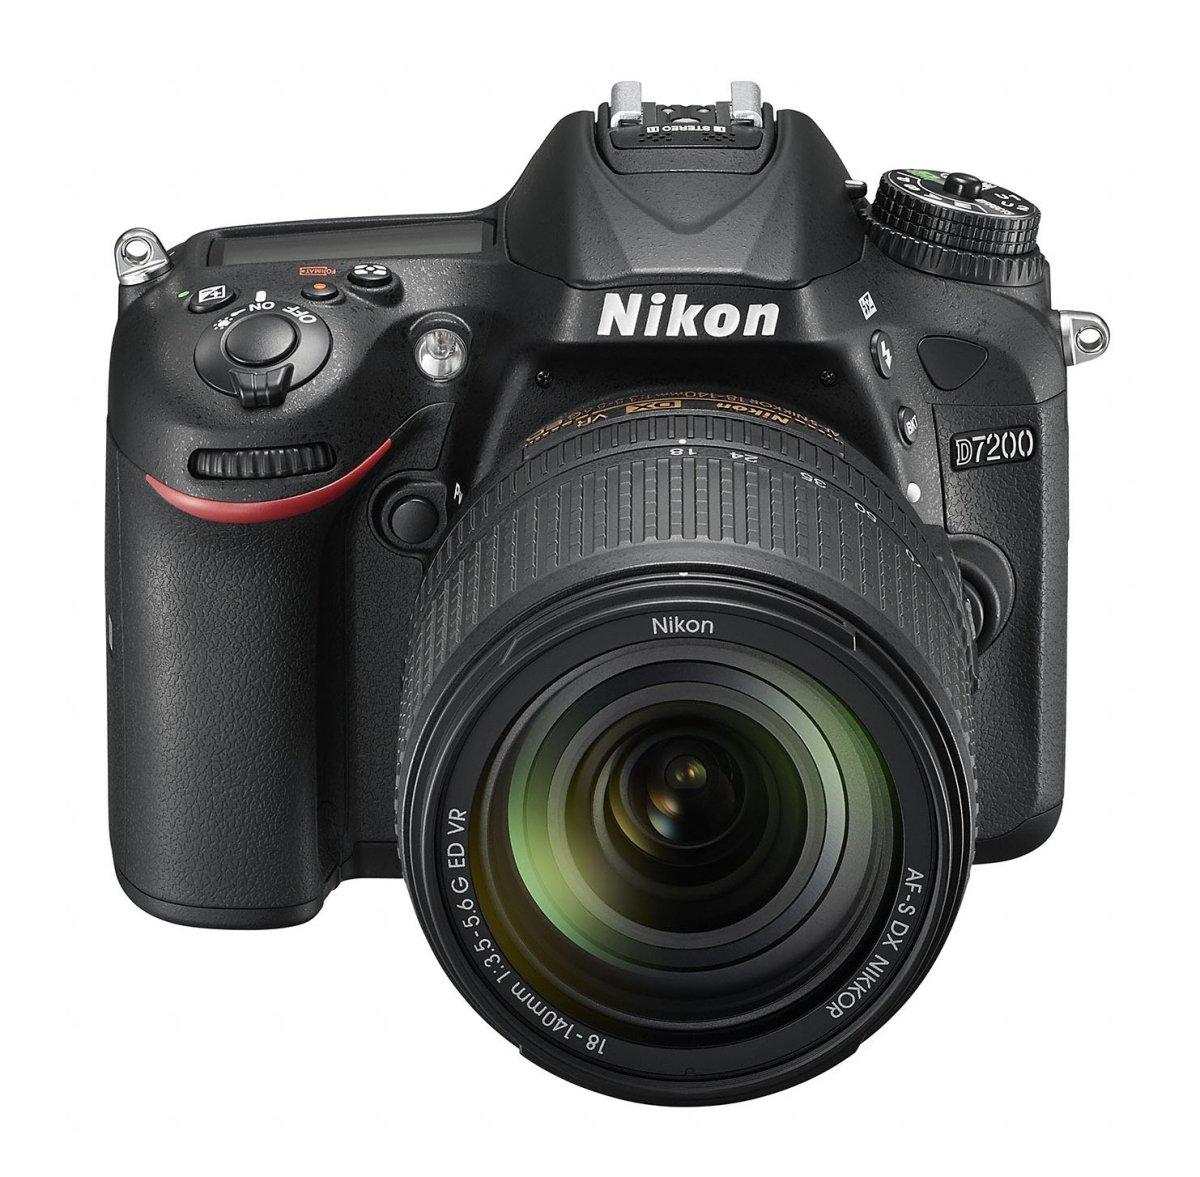 Photo: Nikon